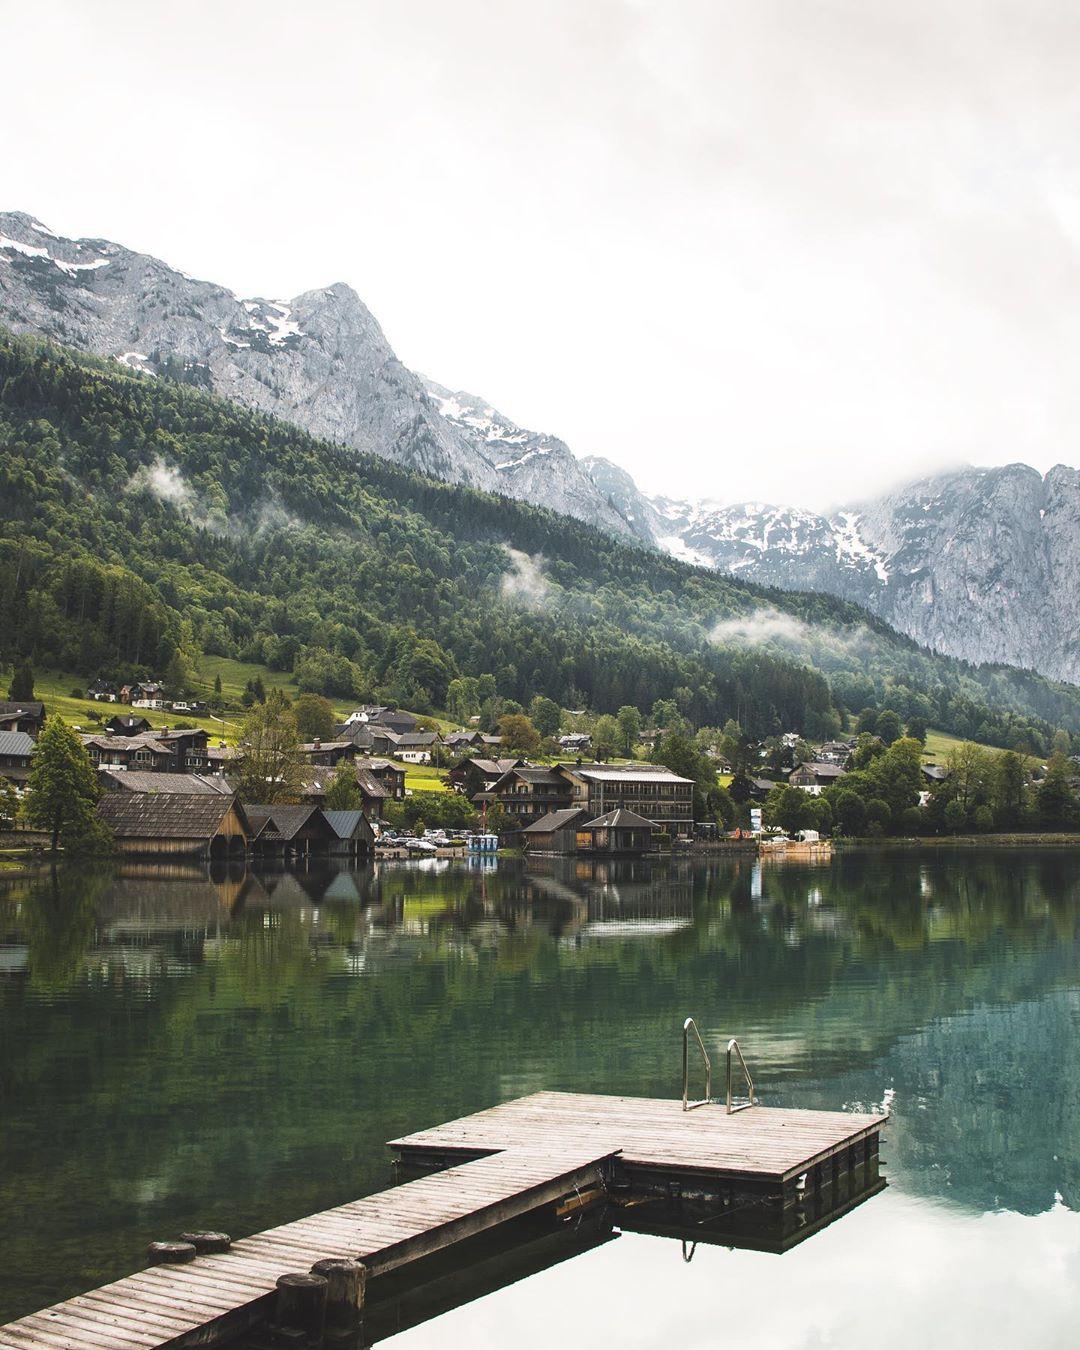 Landscape at Grundlsee